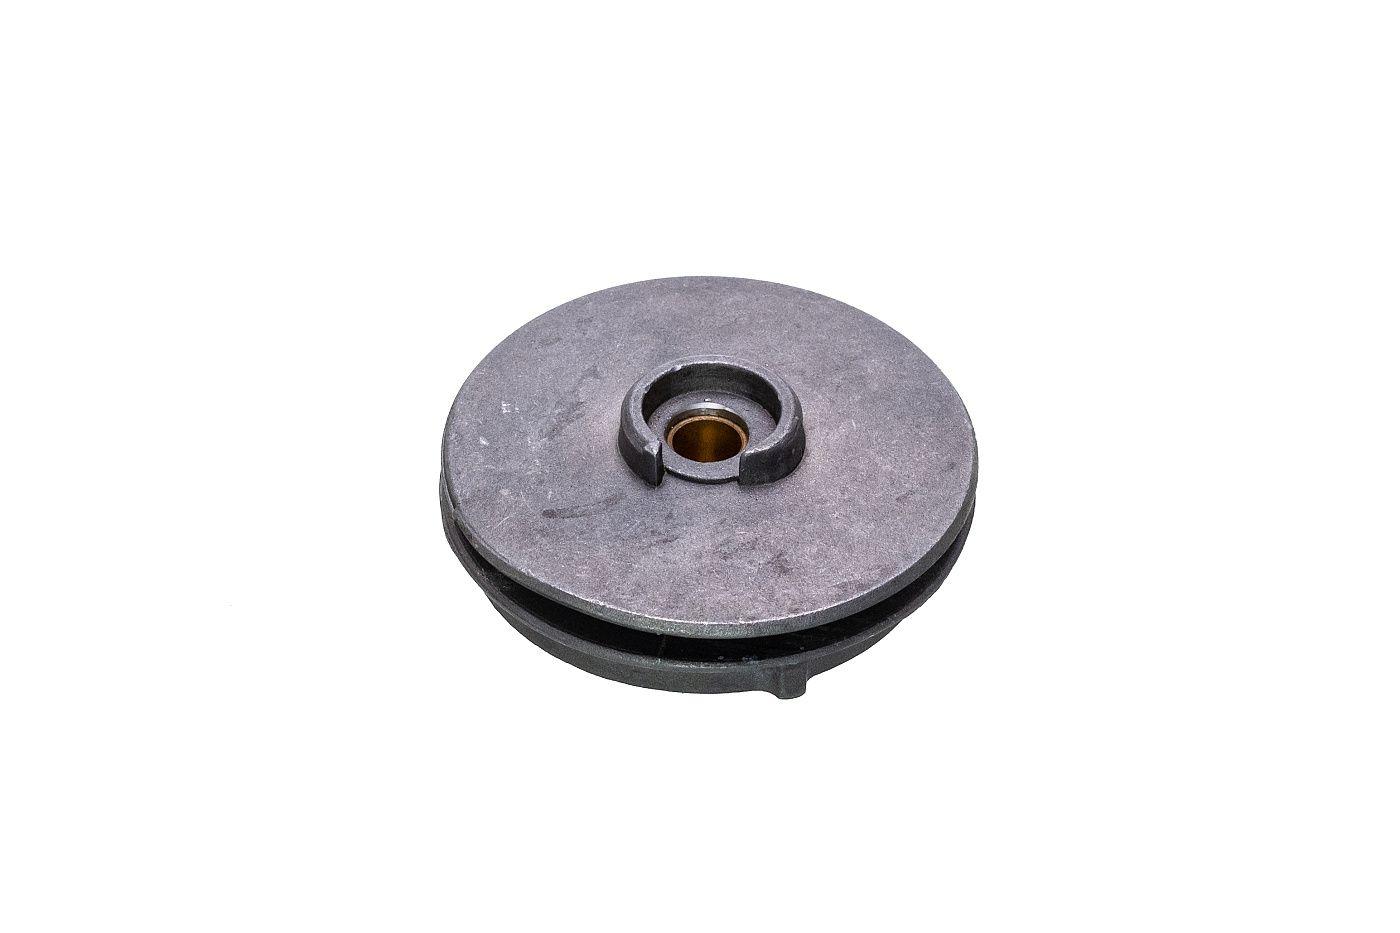 Štartovacia kladka Stihl MS380 MS381 FS410 TS350 TS360 038 042AV 076 (1117 007 1014)